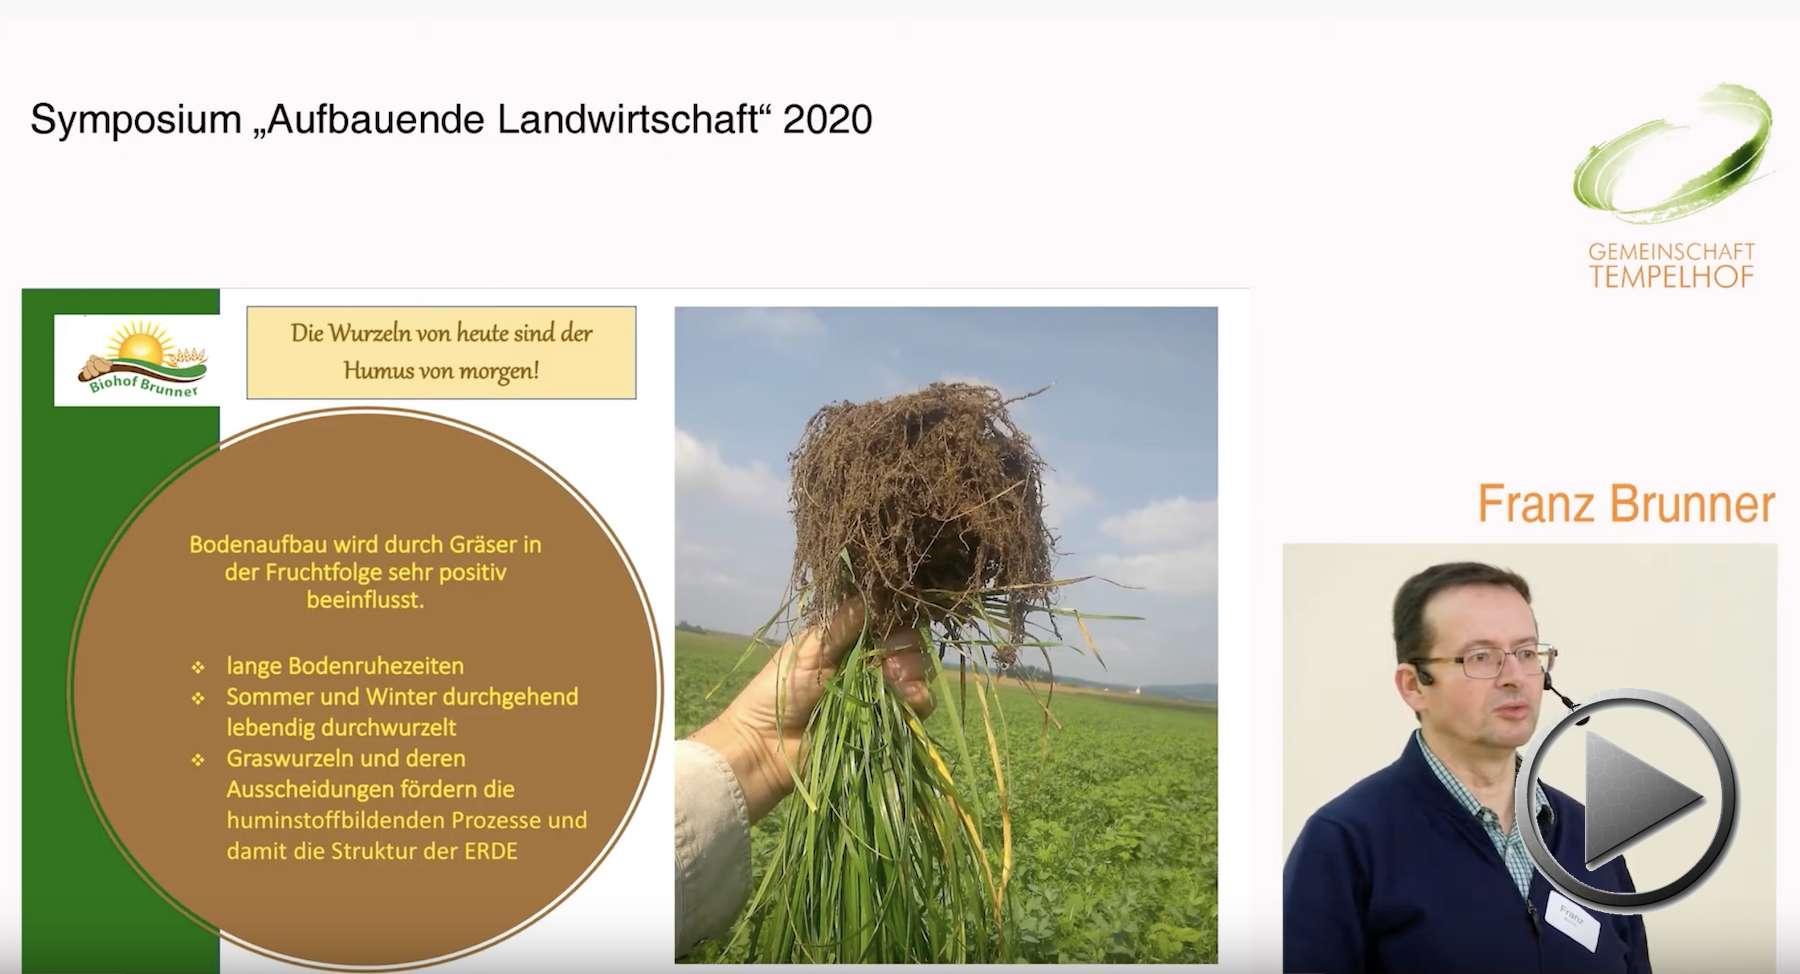 """Präsentation: Die Wurzeln von heute sind der Humus von morgen. Franz Brunner. Symposium """"Aufbauende Landwirtschaft"""" 2020"""